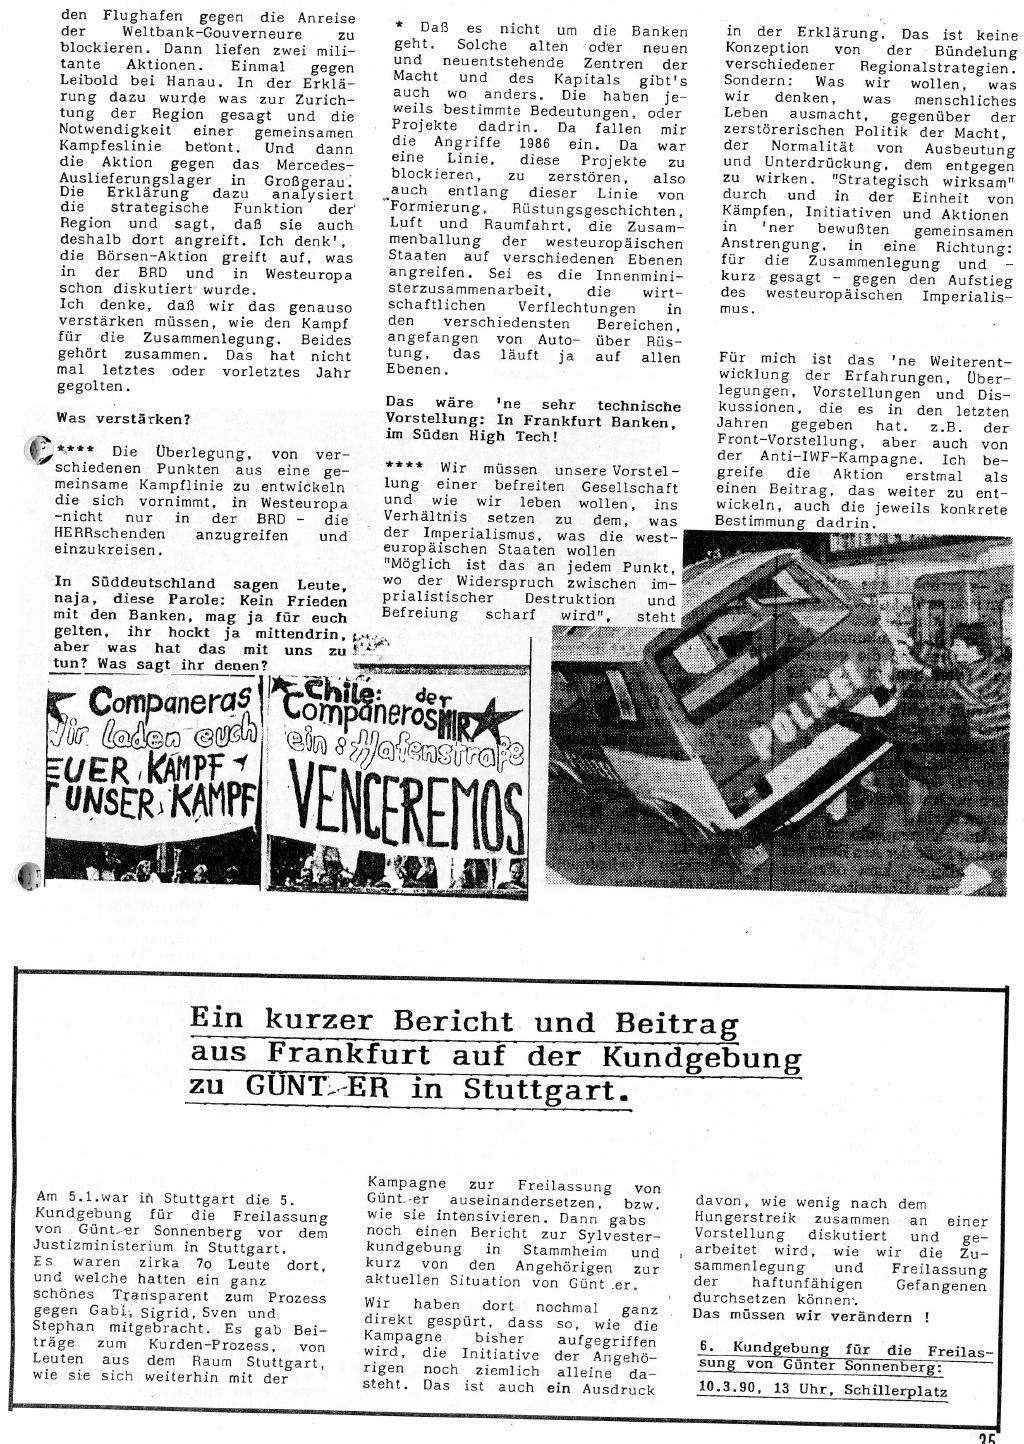 Frankfurt_Prozessinfo_Kein_Frieden_mit_den_Banken_1990_1_2_35